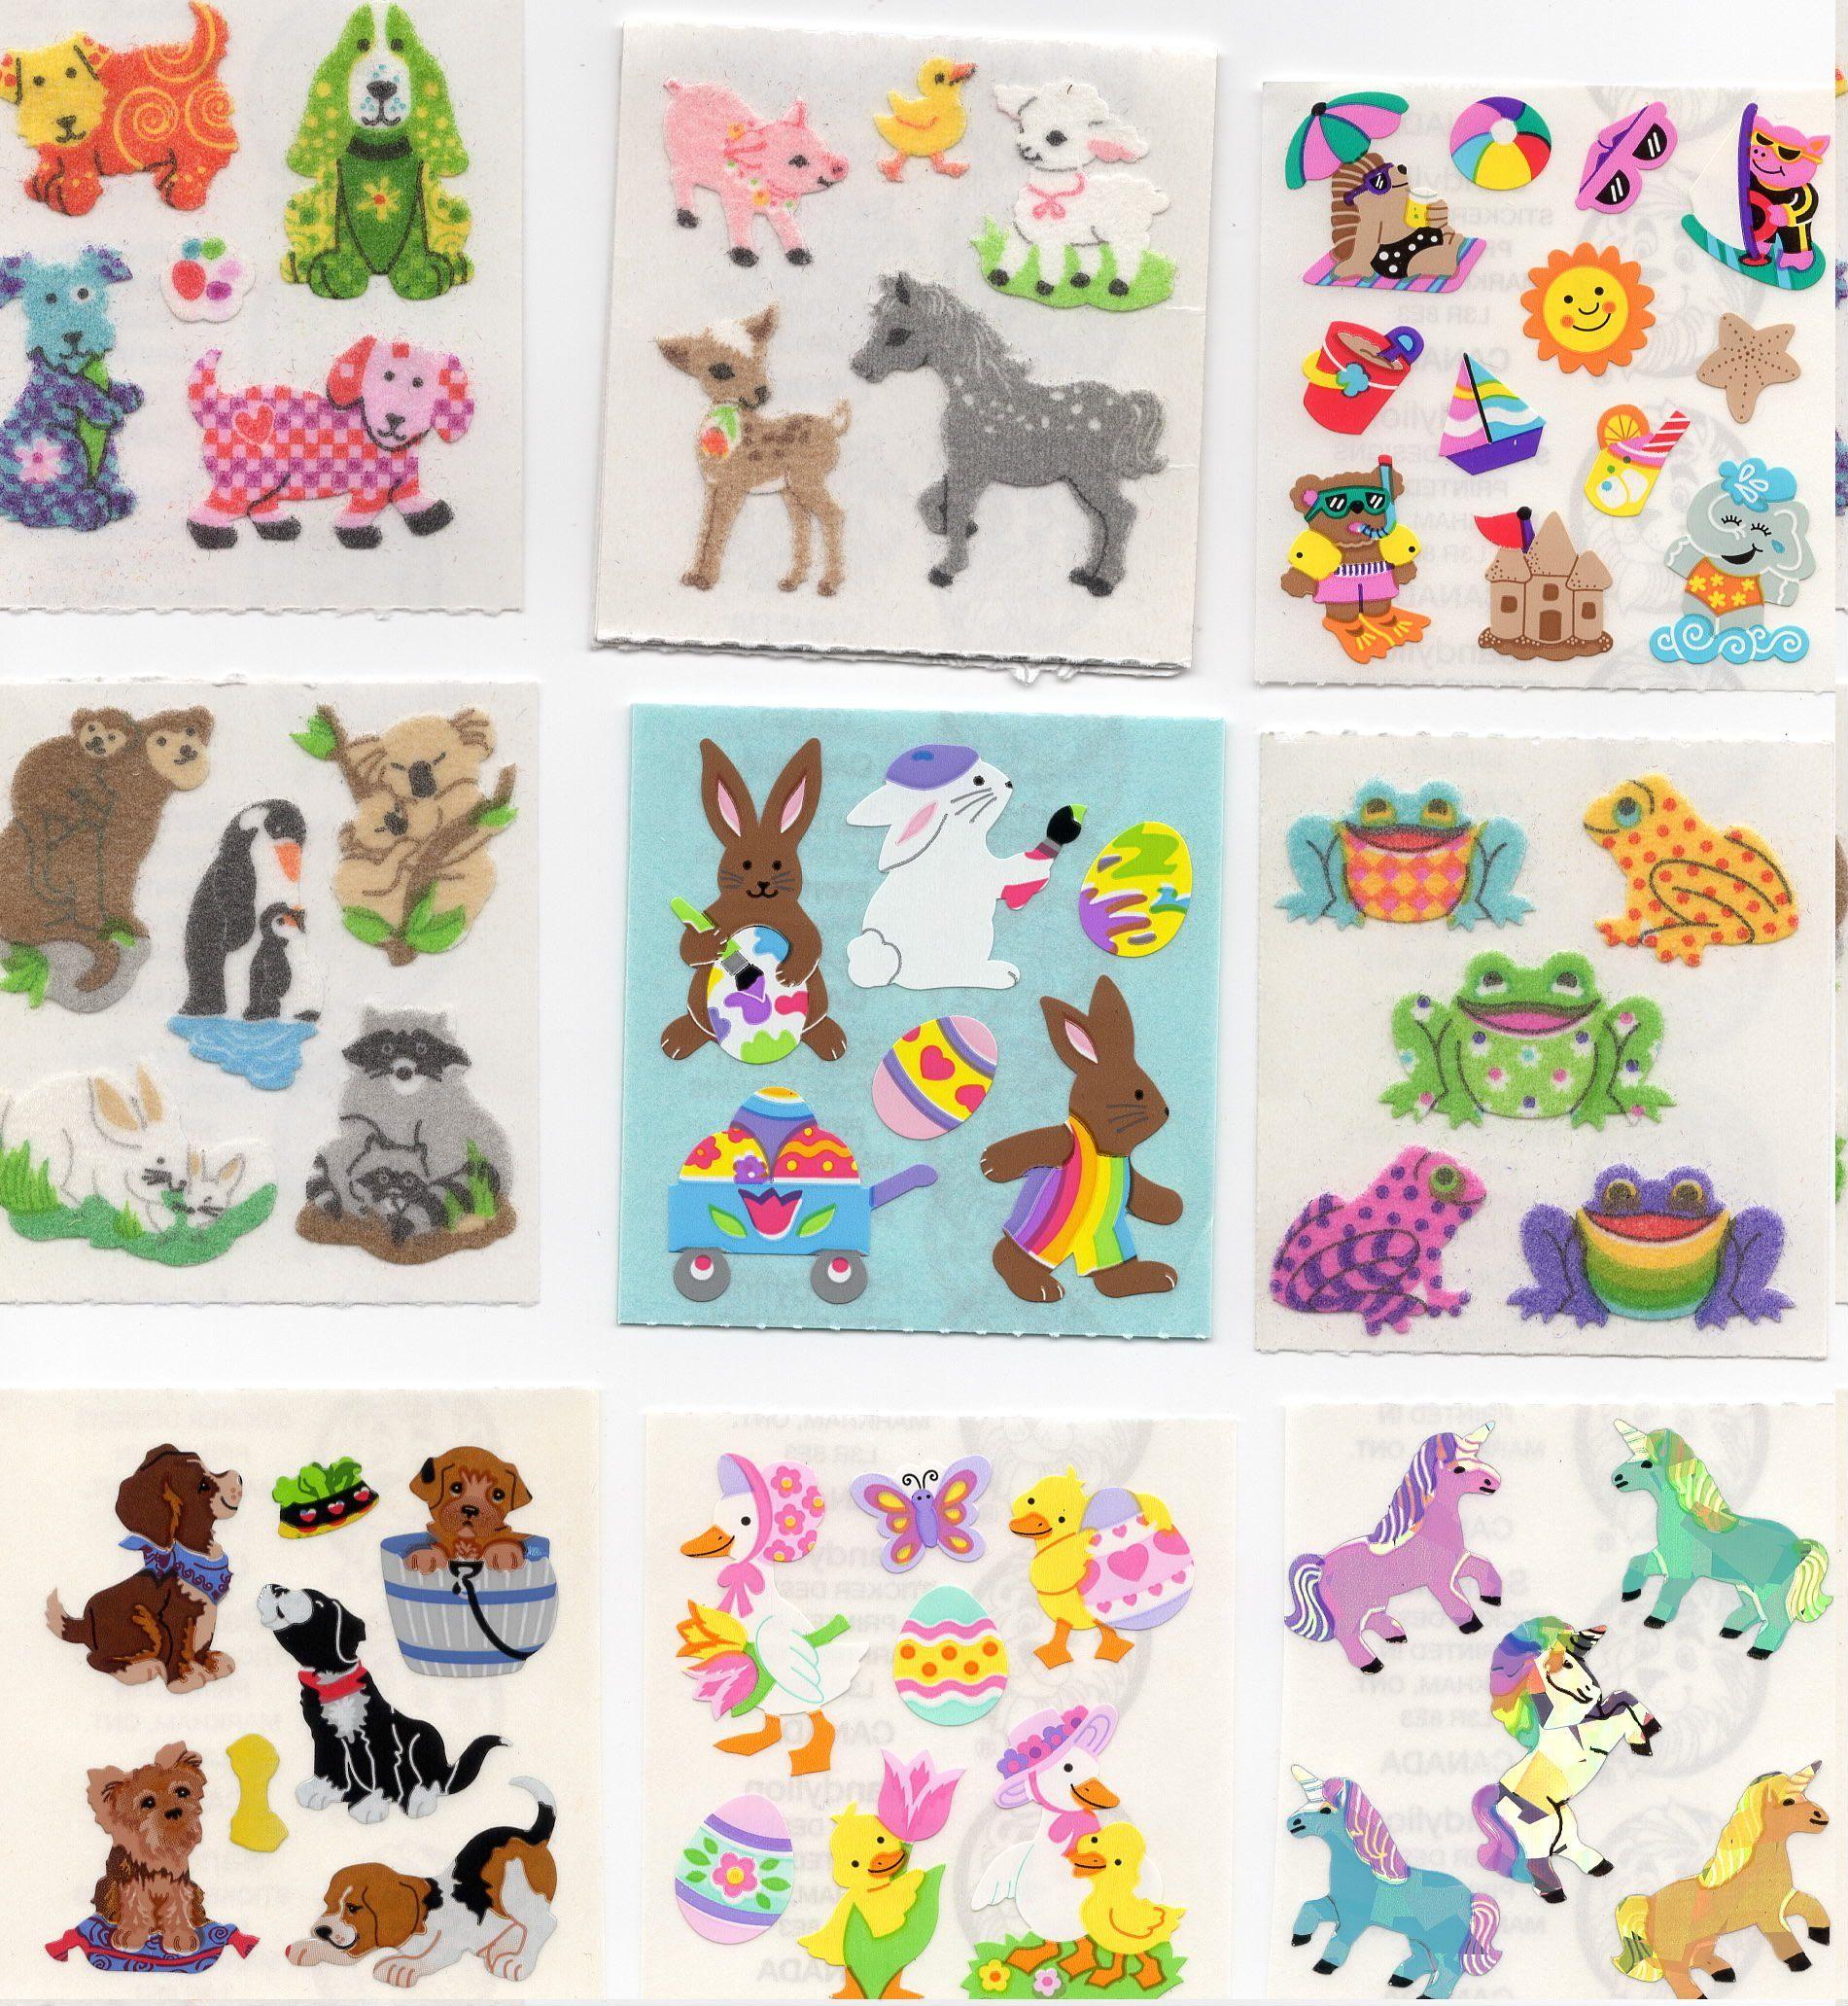 Vintage Rare Hard To Find Sandylion Stickers 2 X 2 Etsy In 2020 Sticker Art Fun Stickers Sticker Collection